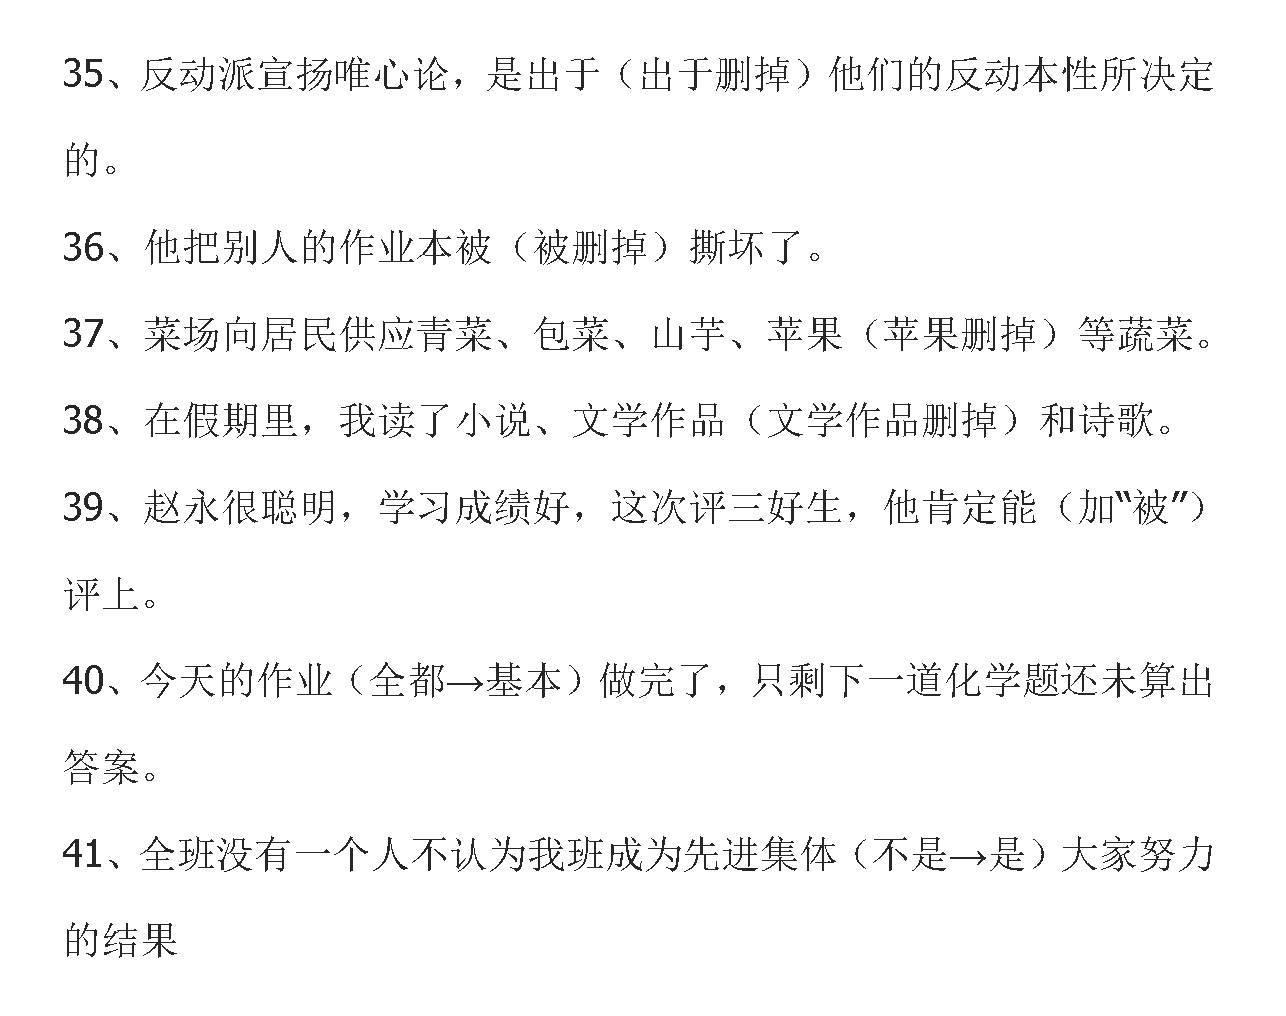 凉州文化研究院揭牌 陈青余秋雨揭牌 柳鹏致辞 李明生主持